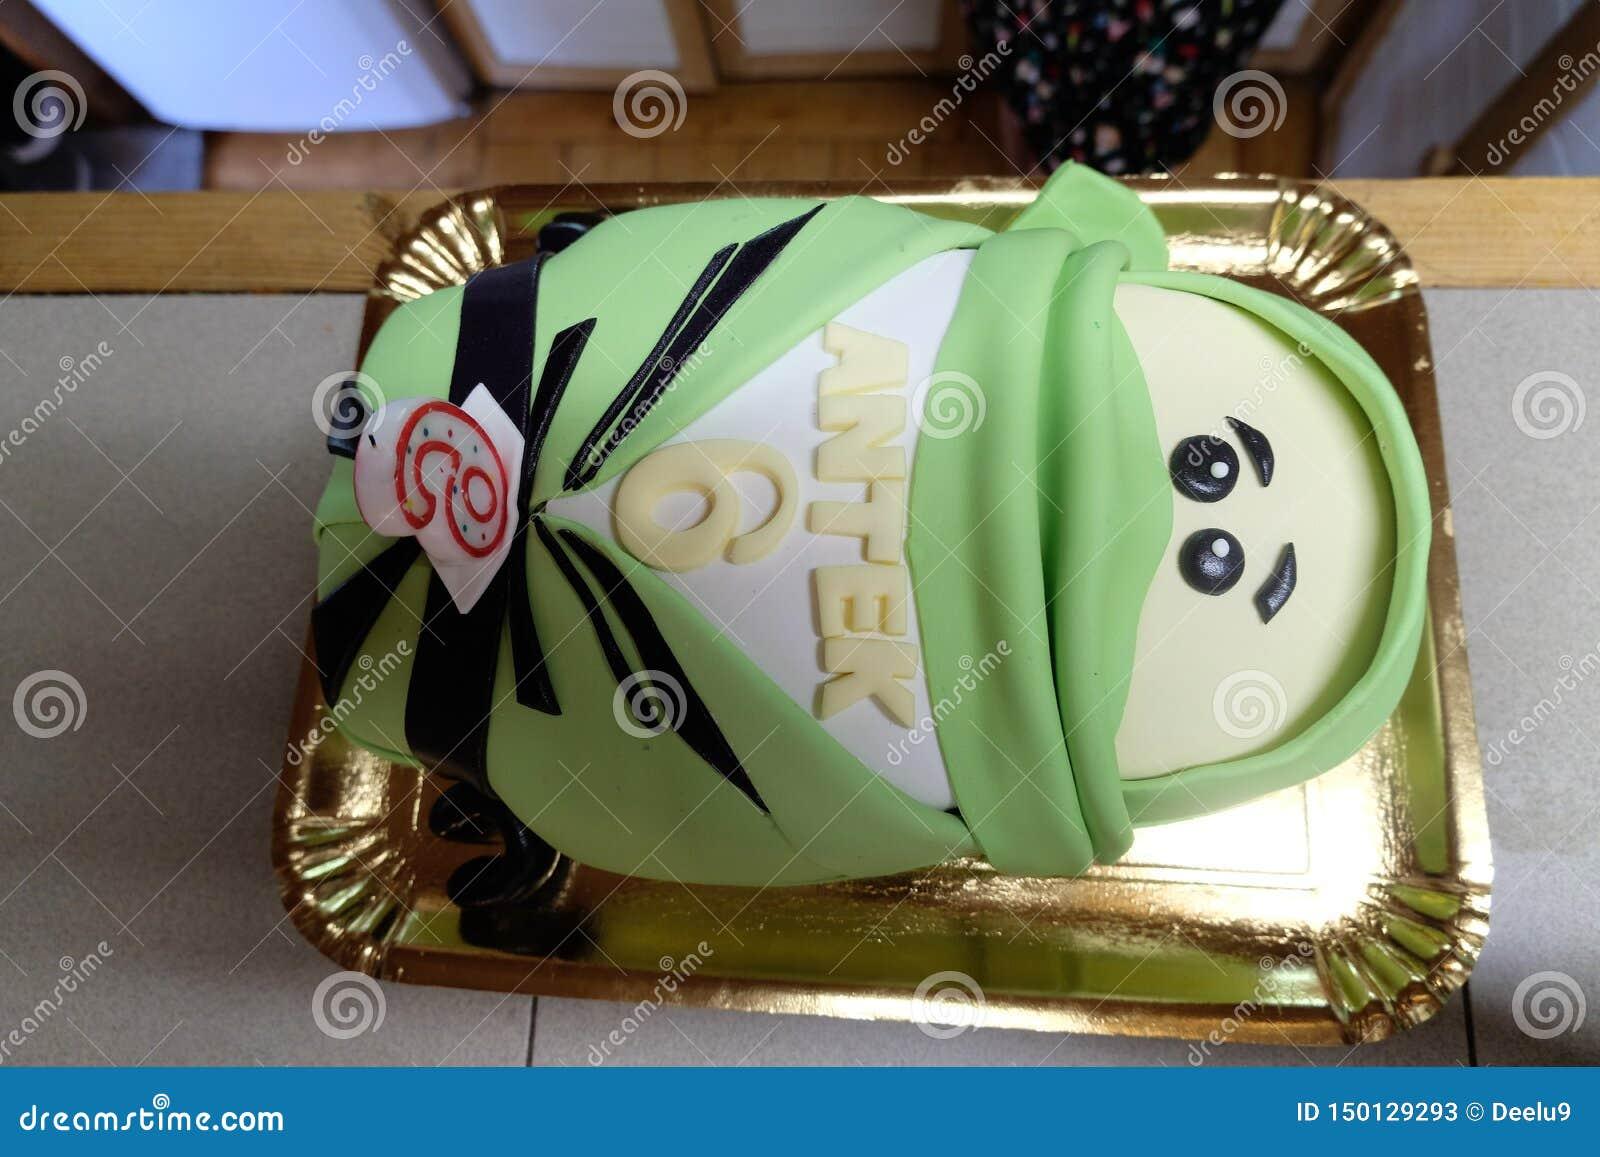 Lego Ninjago Lloyd inspiró la torta de cumpleaños con el número 6 y el nombre 'Antek